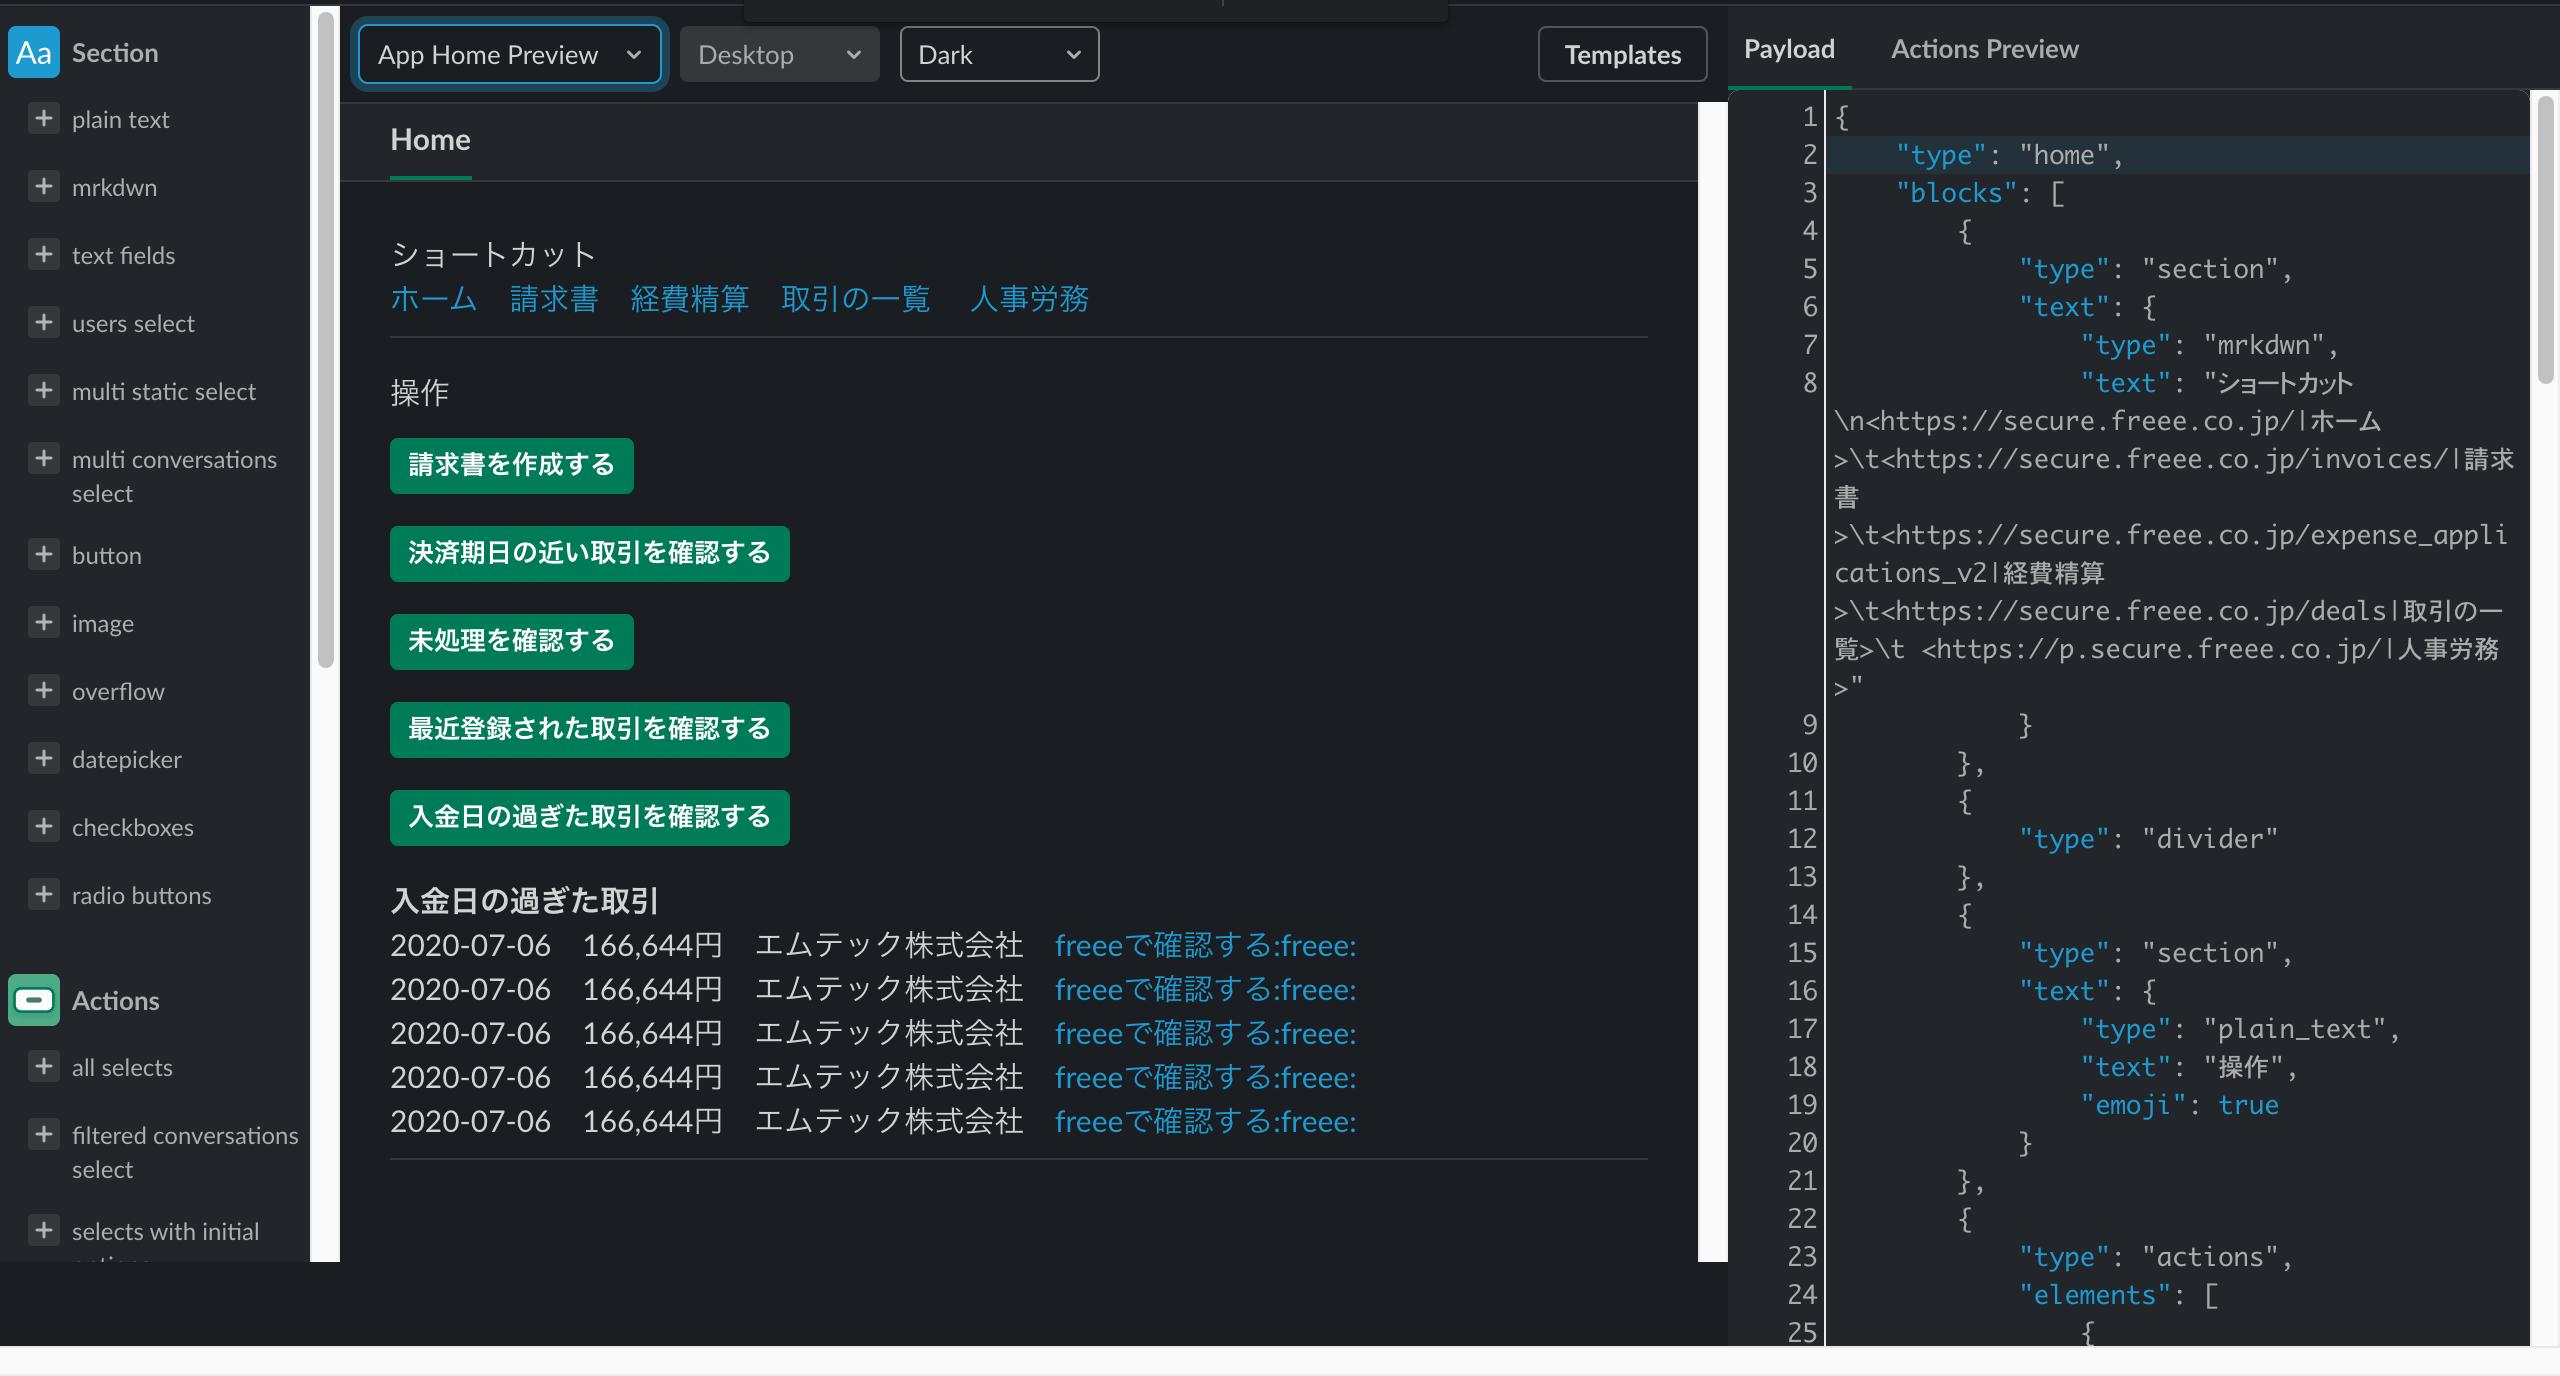 スクリーンショット 2020-07-14 18.33.23.png